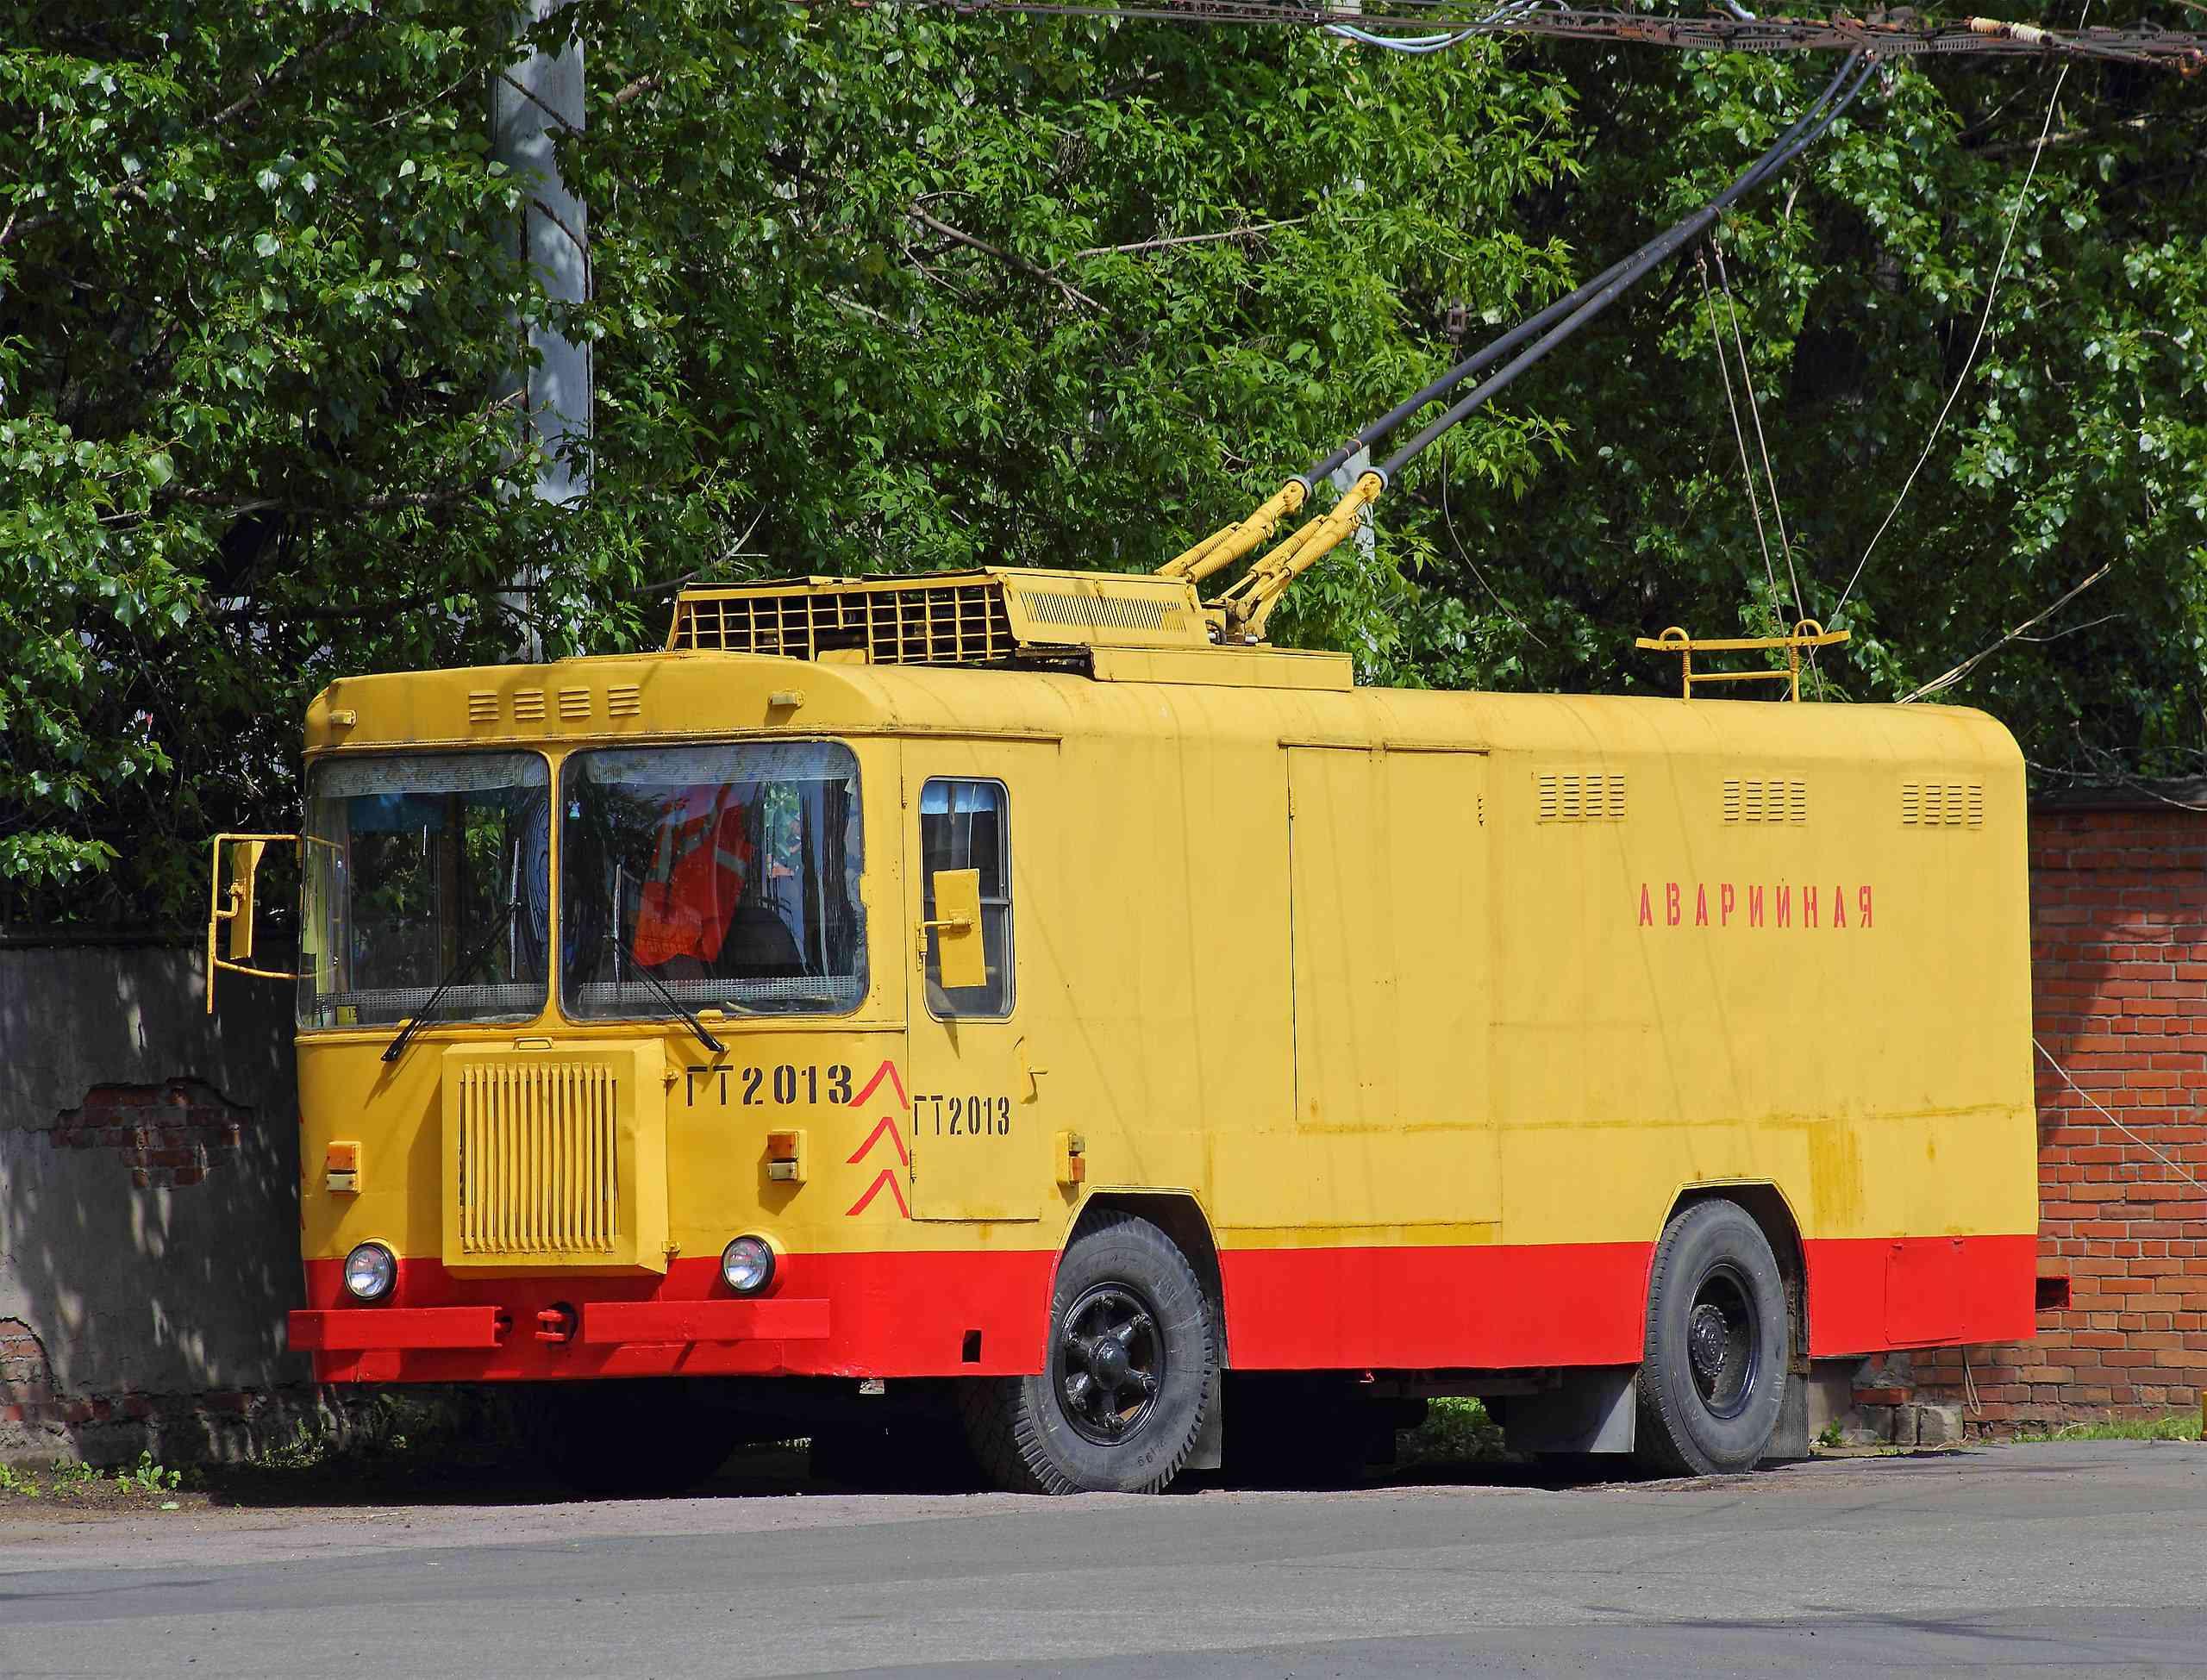 Trolleytruck in St Petersburg